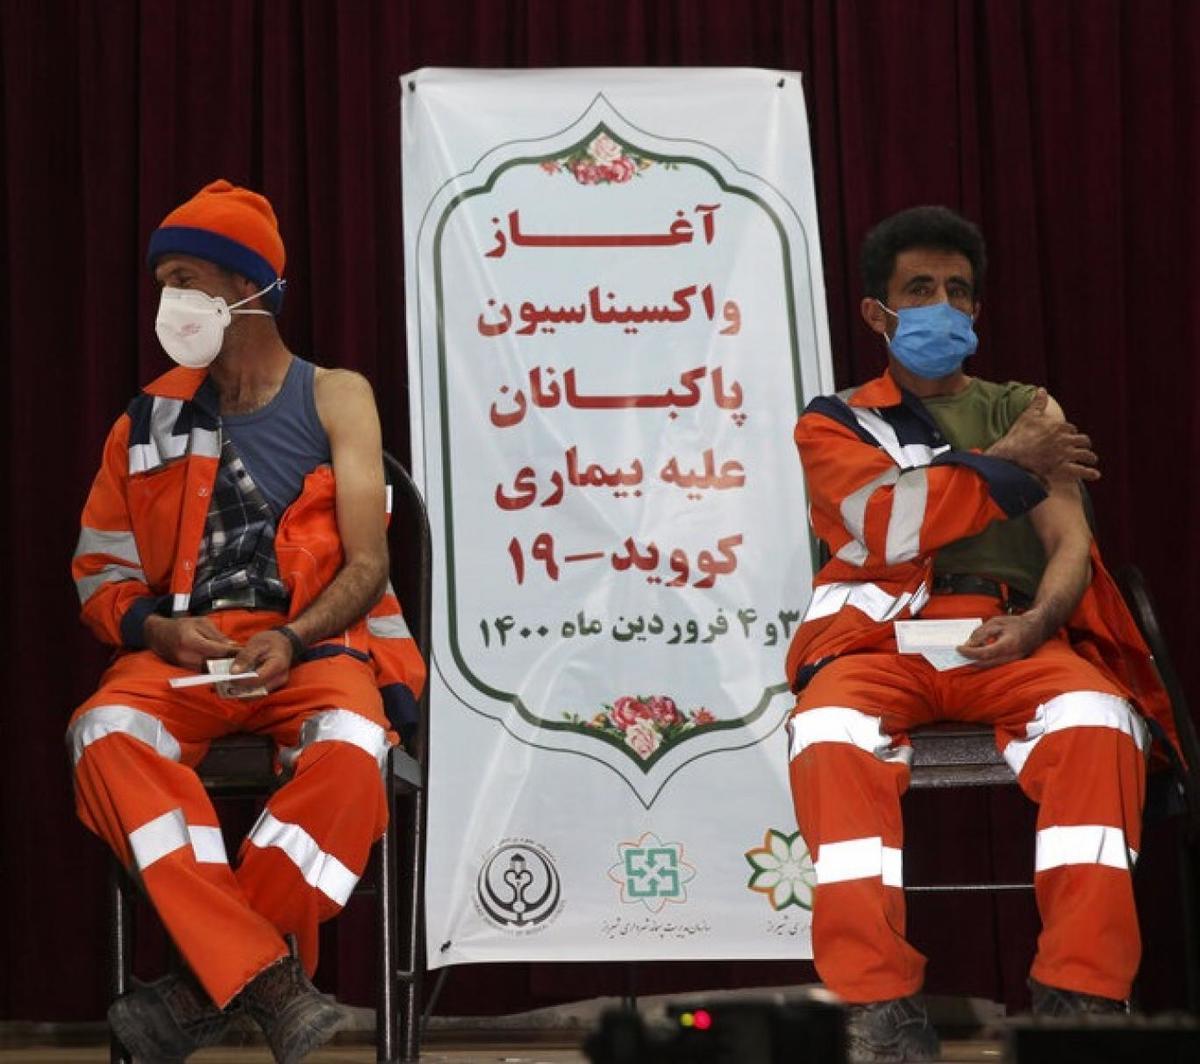 استفاده از سهمیه واکسن پاکبانان؛ این بار در علی آباد کتول